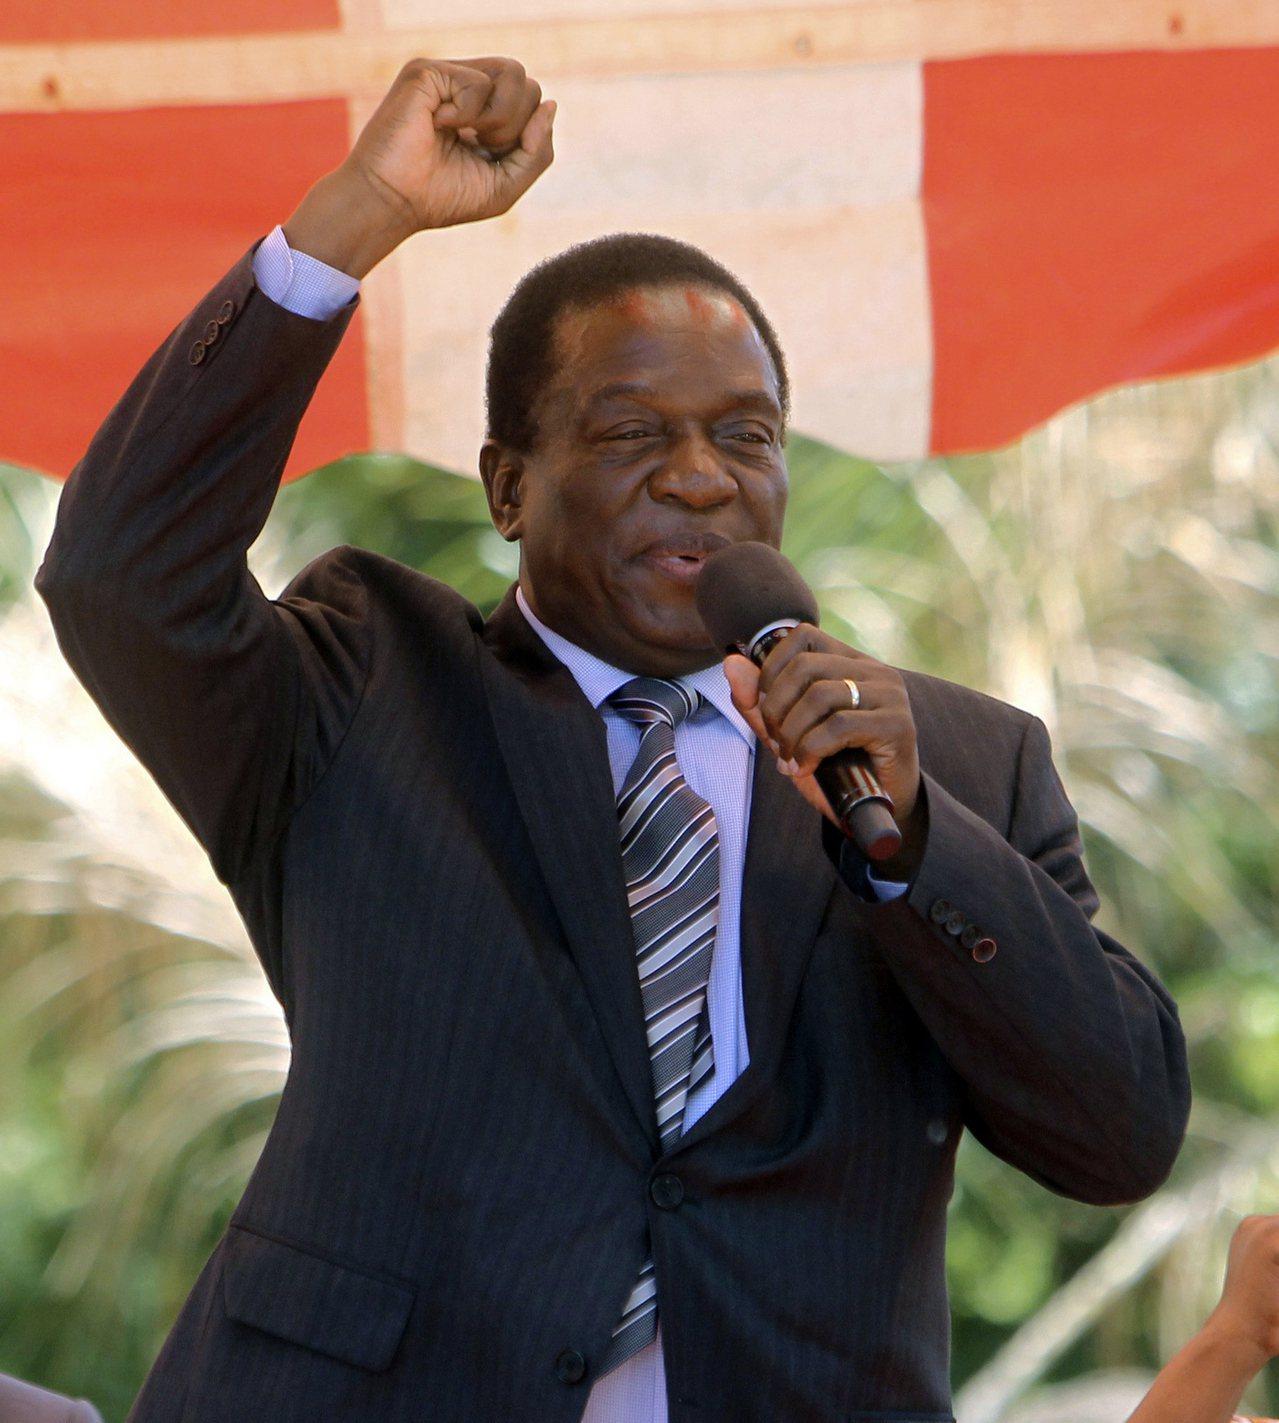 綽號「鱷魚」的辛巴威前副總統姆南加瓦即將繼任總統。美聯社